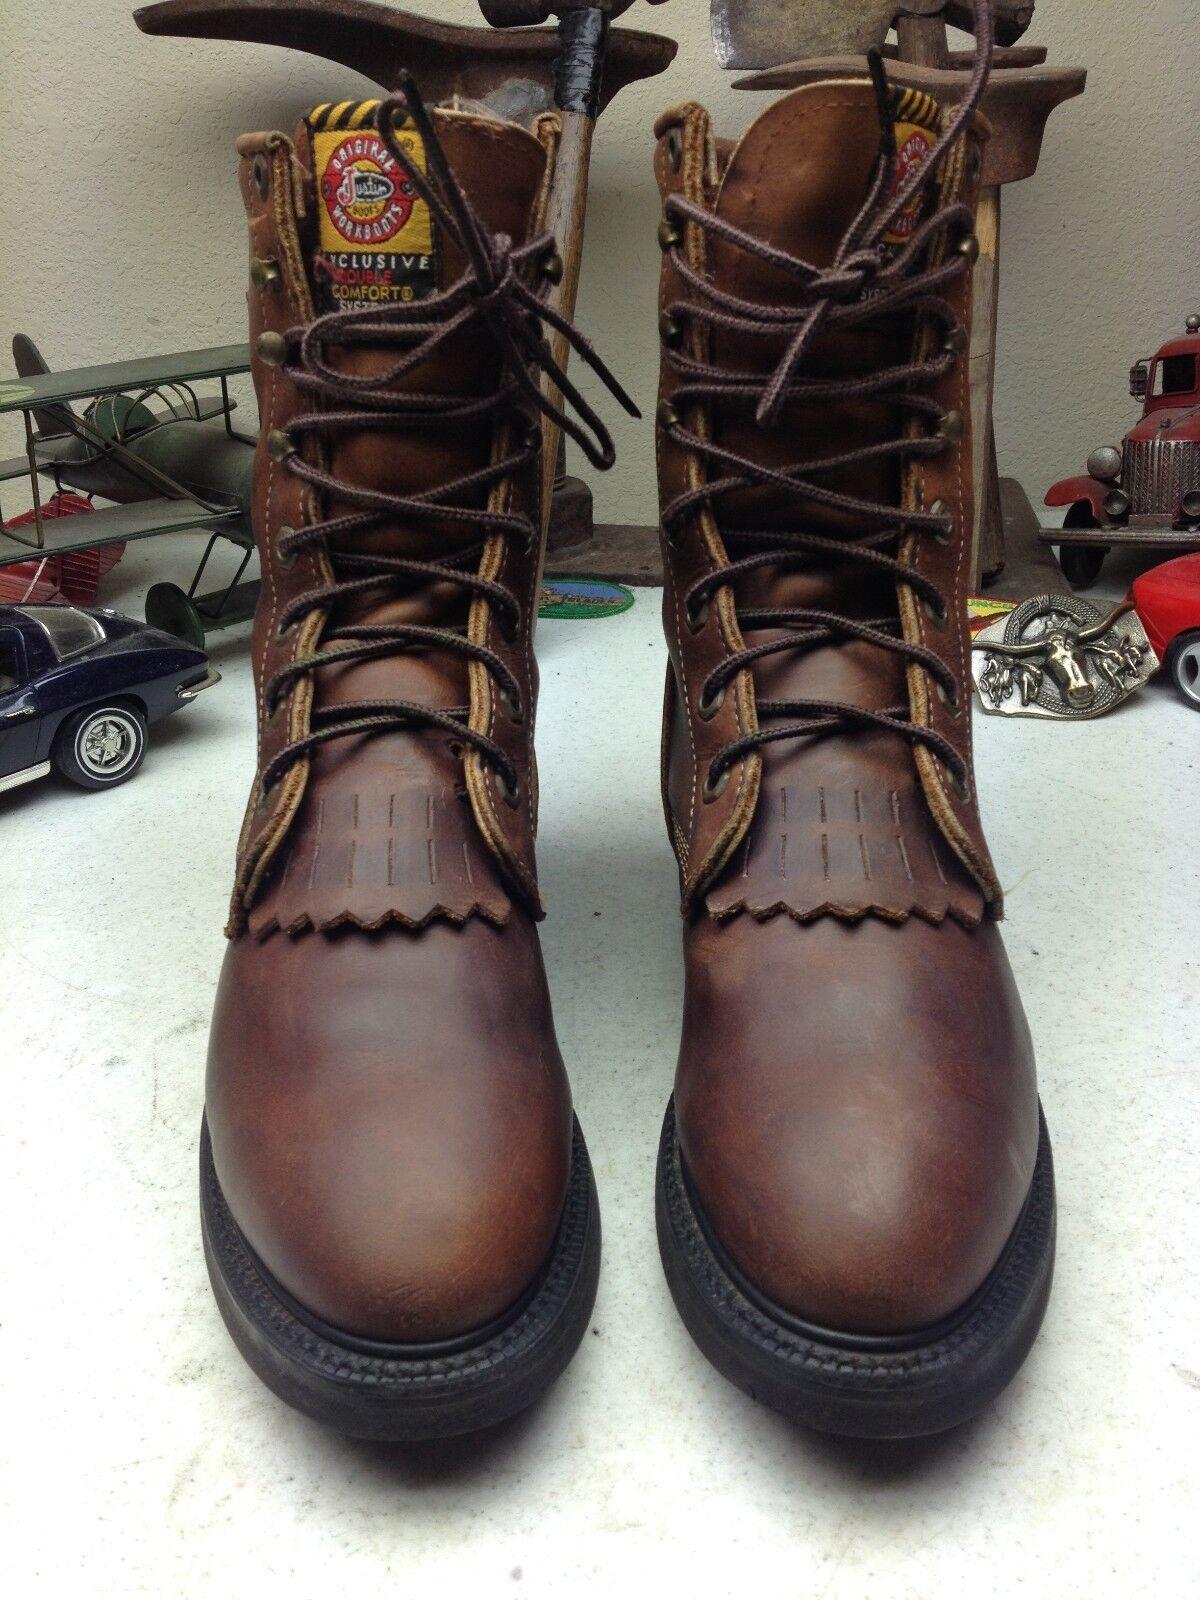 Justin envejecido Usa Vintage Marrón Cuero Lacer Trail botas 7.5 B